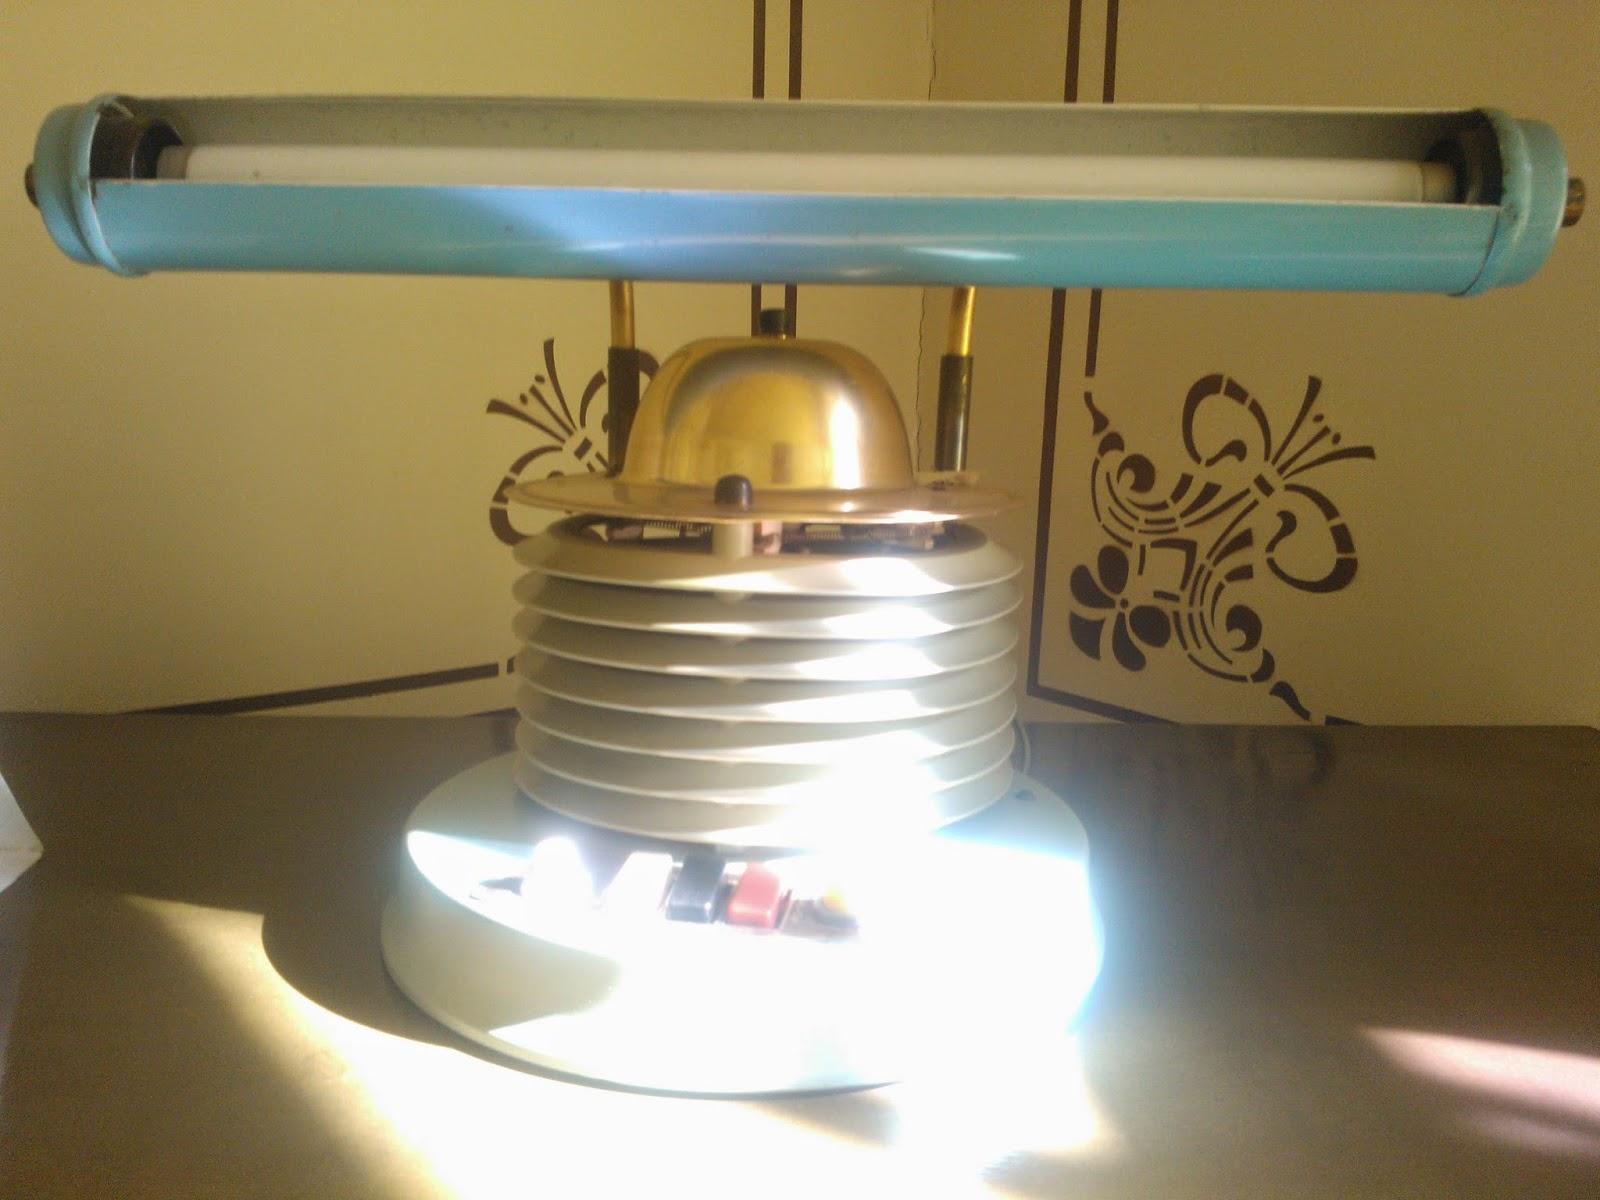 luminária dos anos 50 - Museu da Energia, Itu-SP